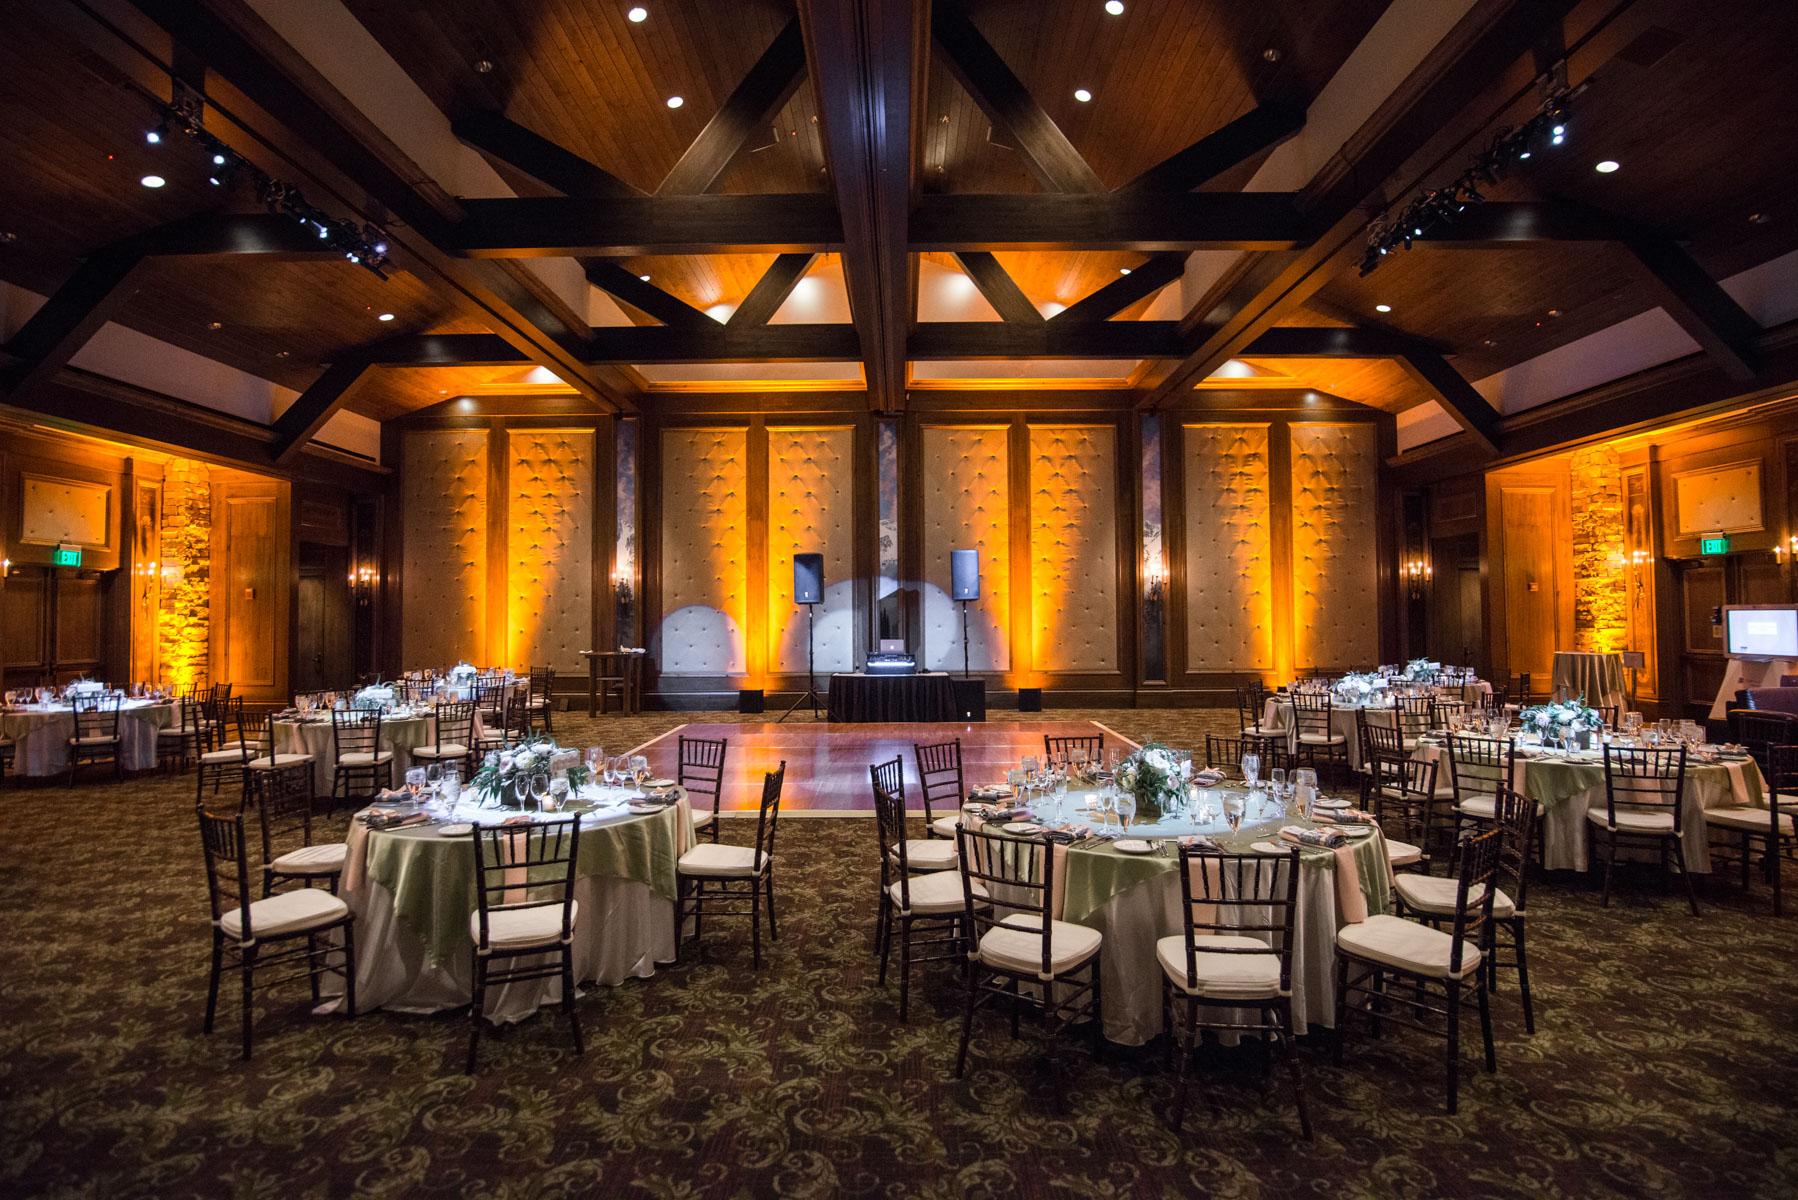 Best Park City Wedding Venue_Winter_Weddings_Stein_Eriksen_Lodge-8283.jpg